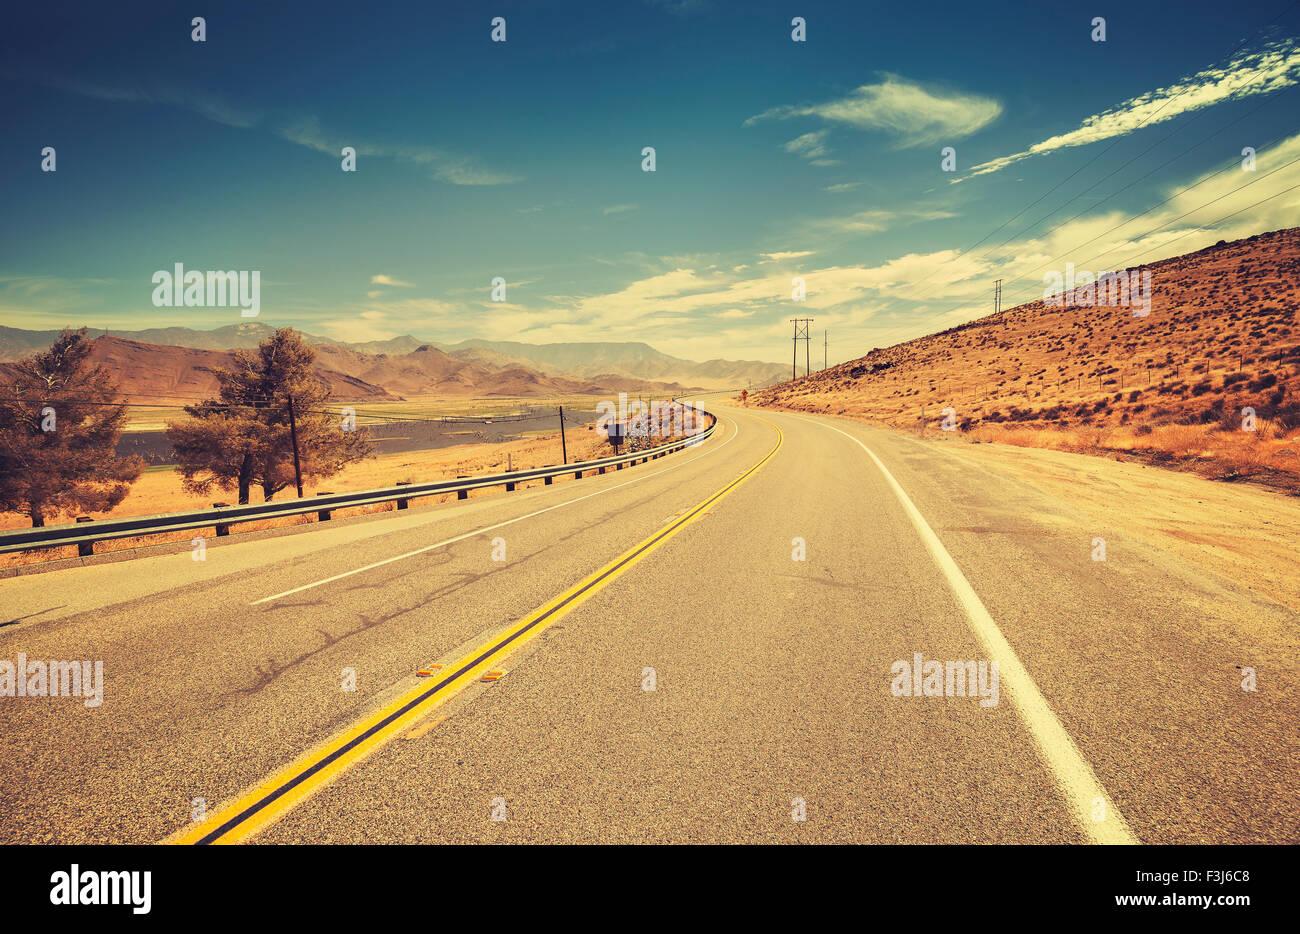 Retro-alte Film Stil Landstraße in USA, Reise-Abenteuer-Konzept. Stockbild